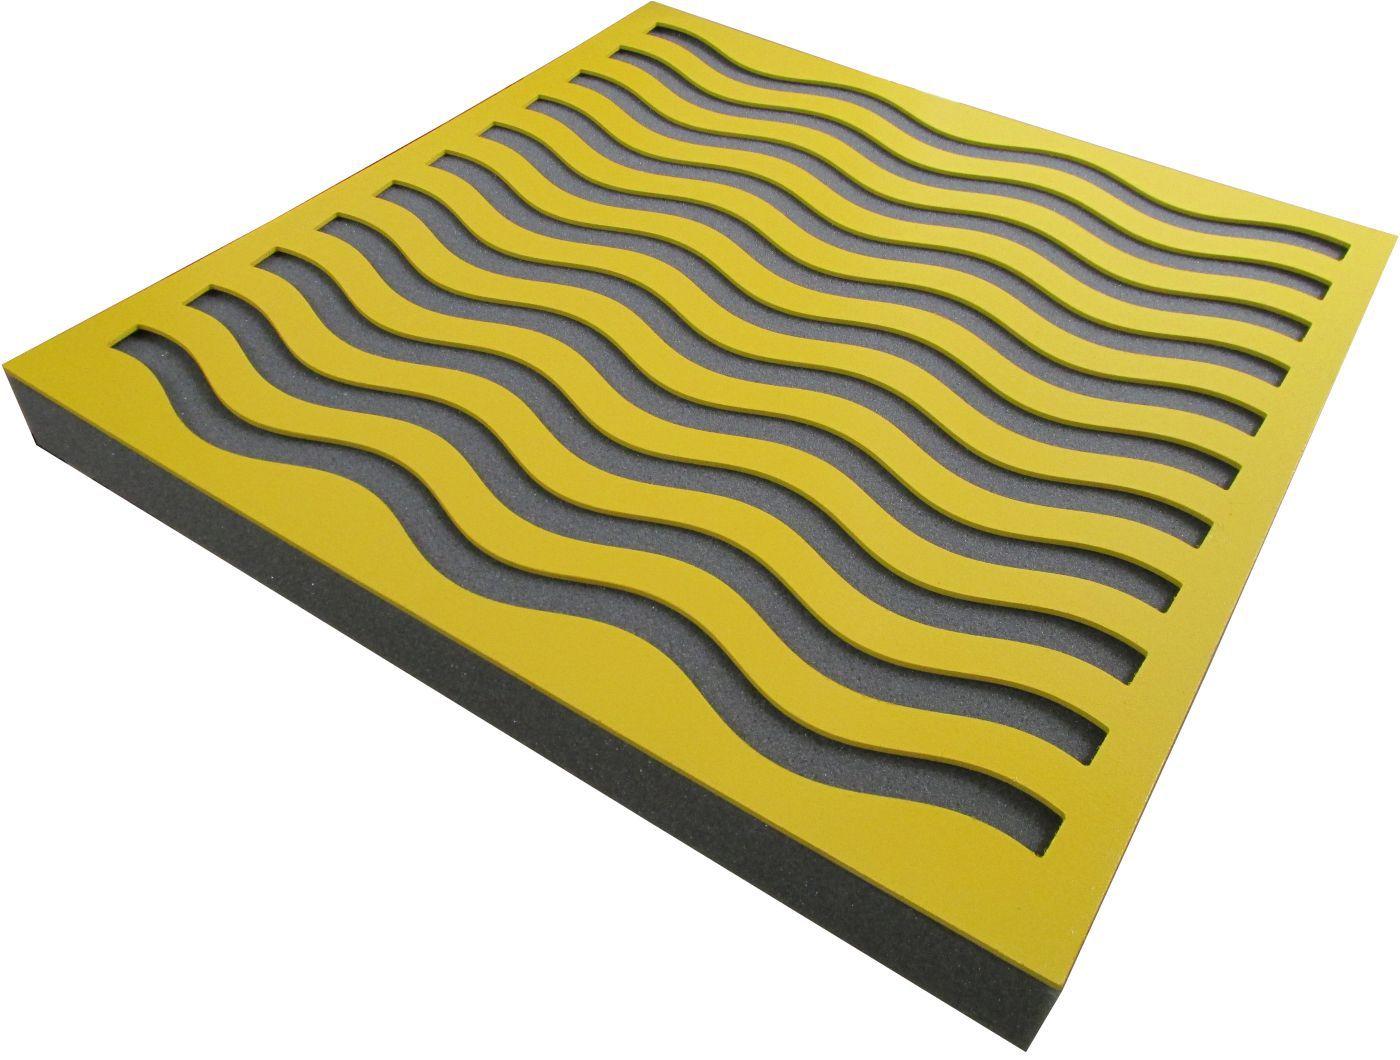 Painel Acústico Rev Decor - Waves - 4 peças - 1m²  - Loja SPL Acústica